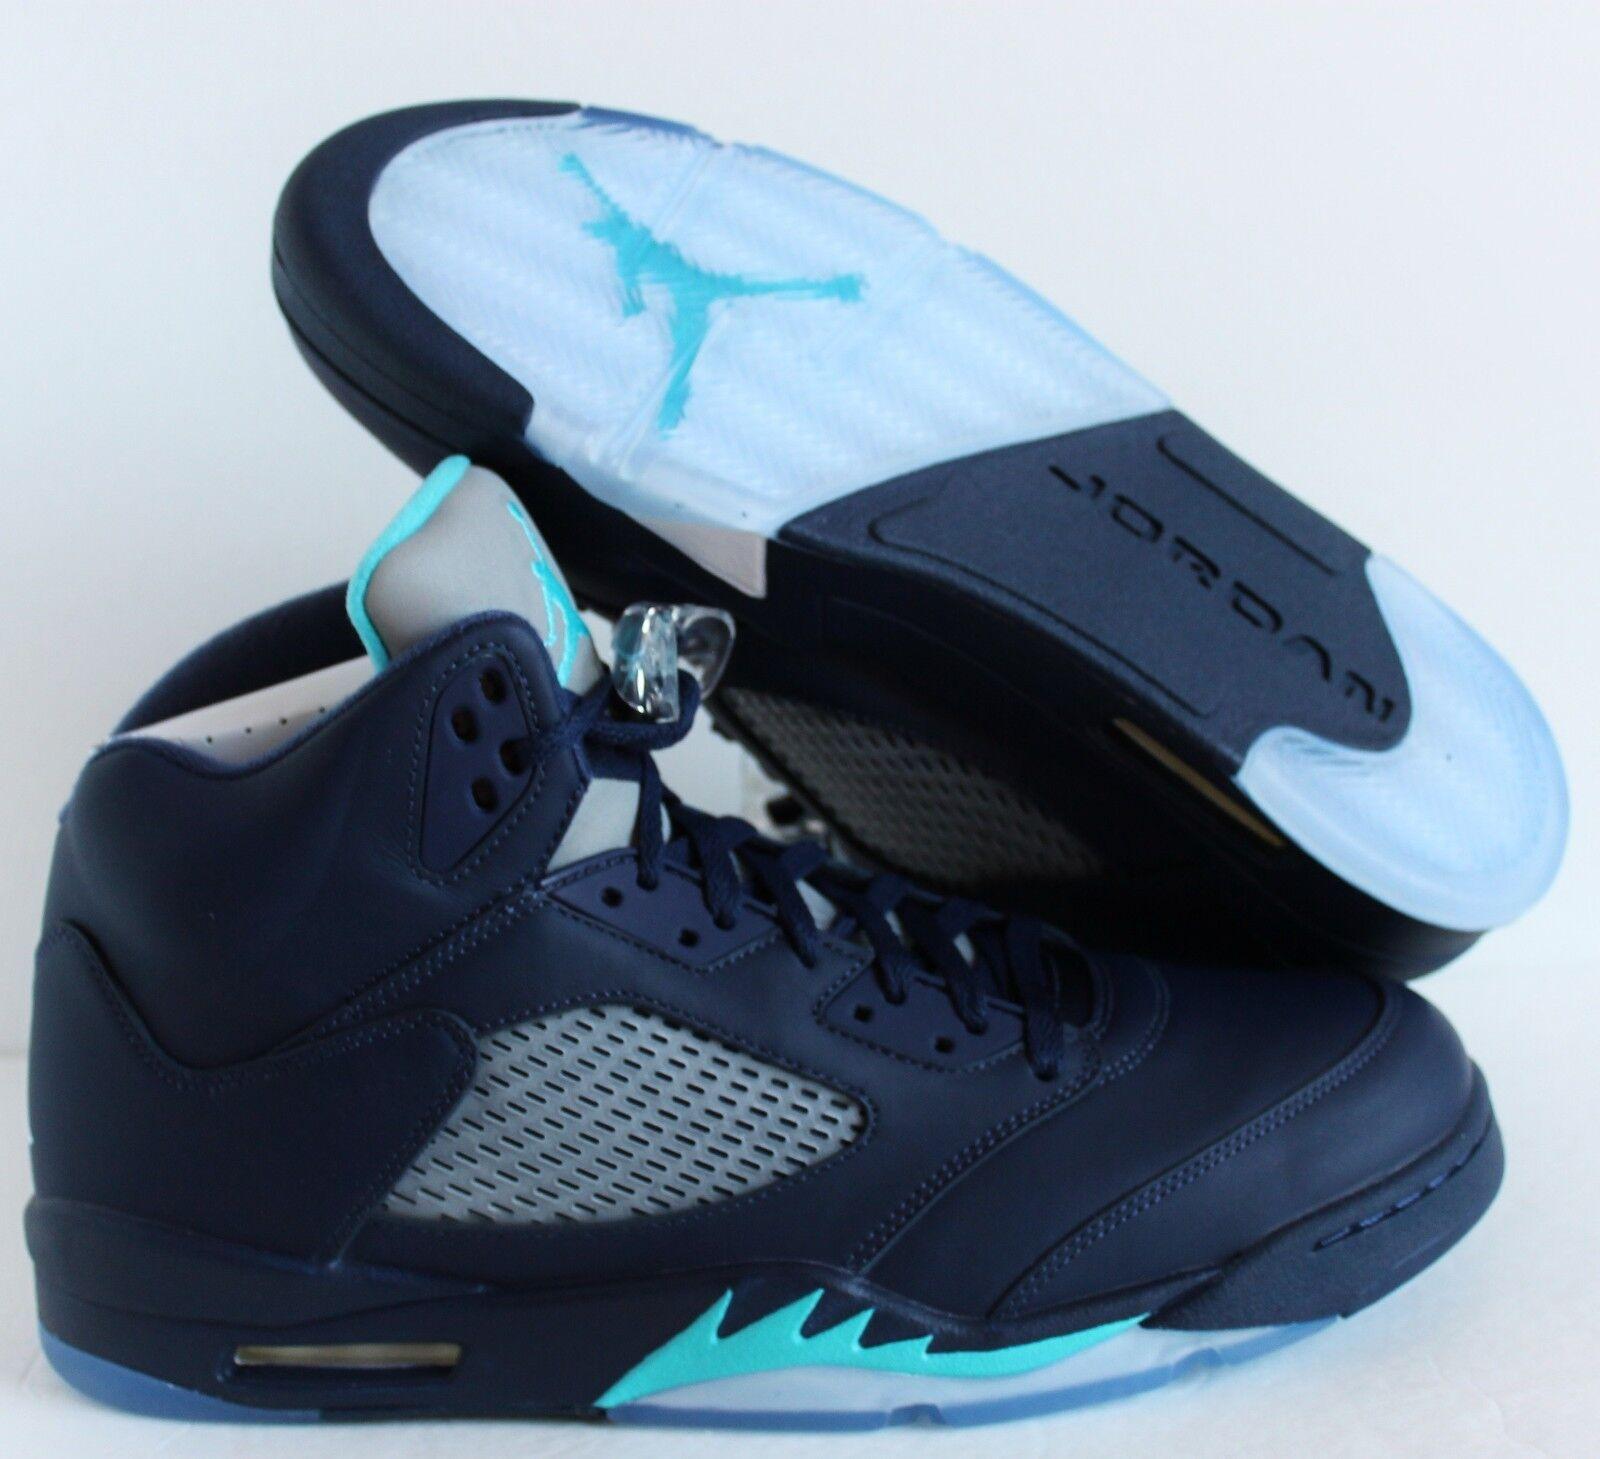 Nike Air Jordan 5 retro Midnight Navy Azul-Blanco de reduccion de Azul-Blanco precio comodo y atractivo 1fbfa6